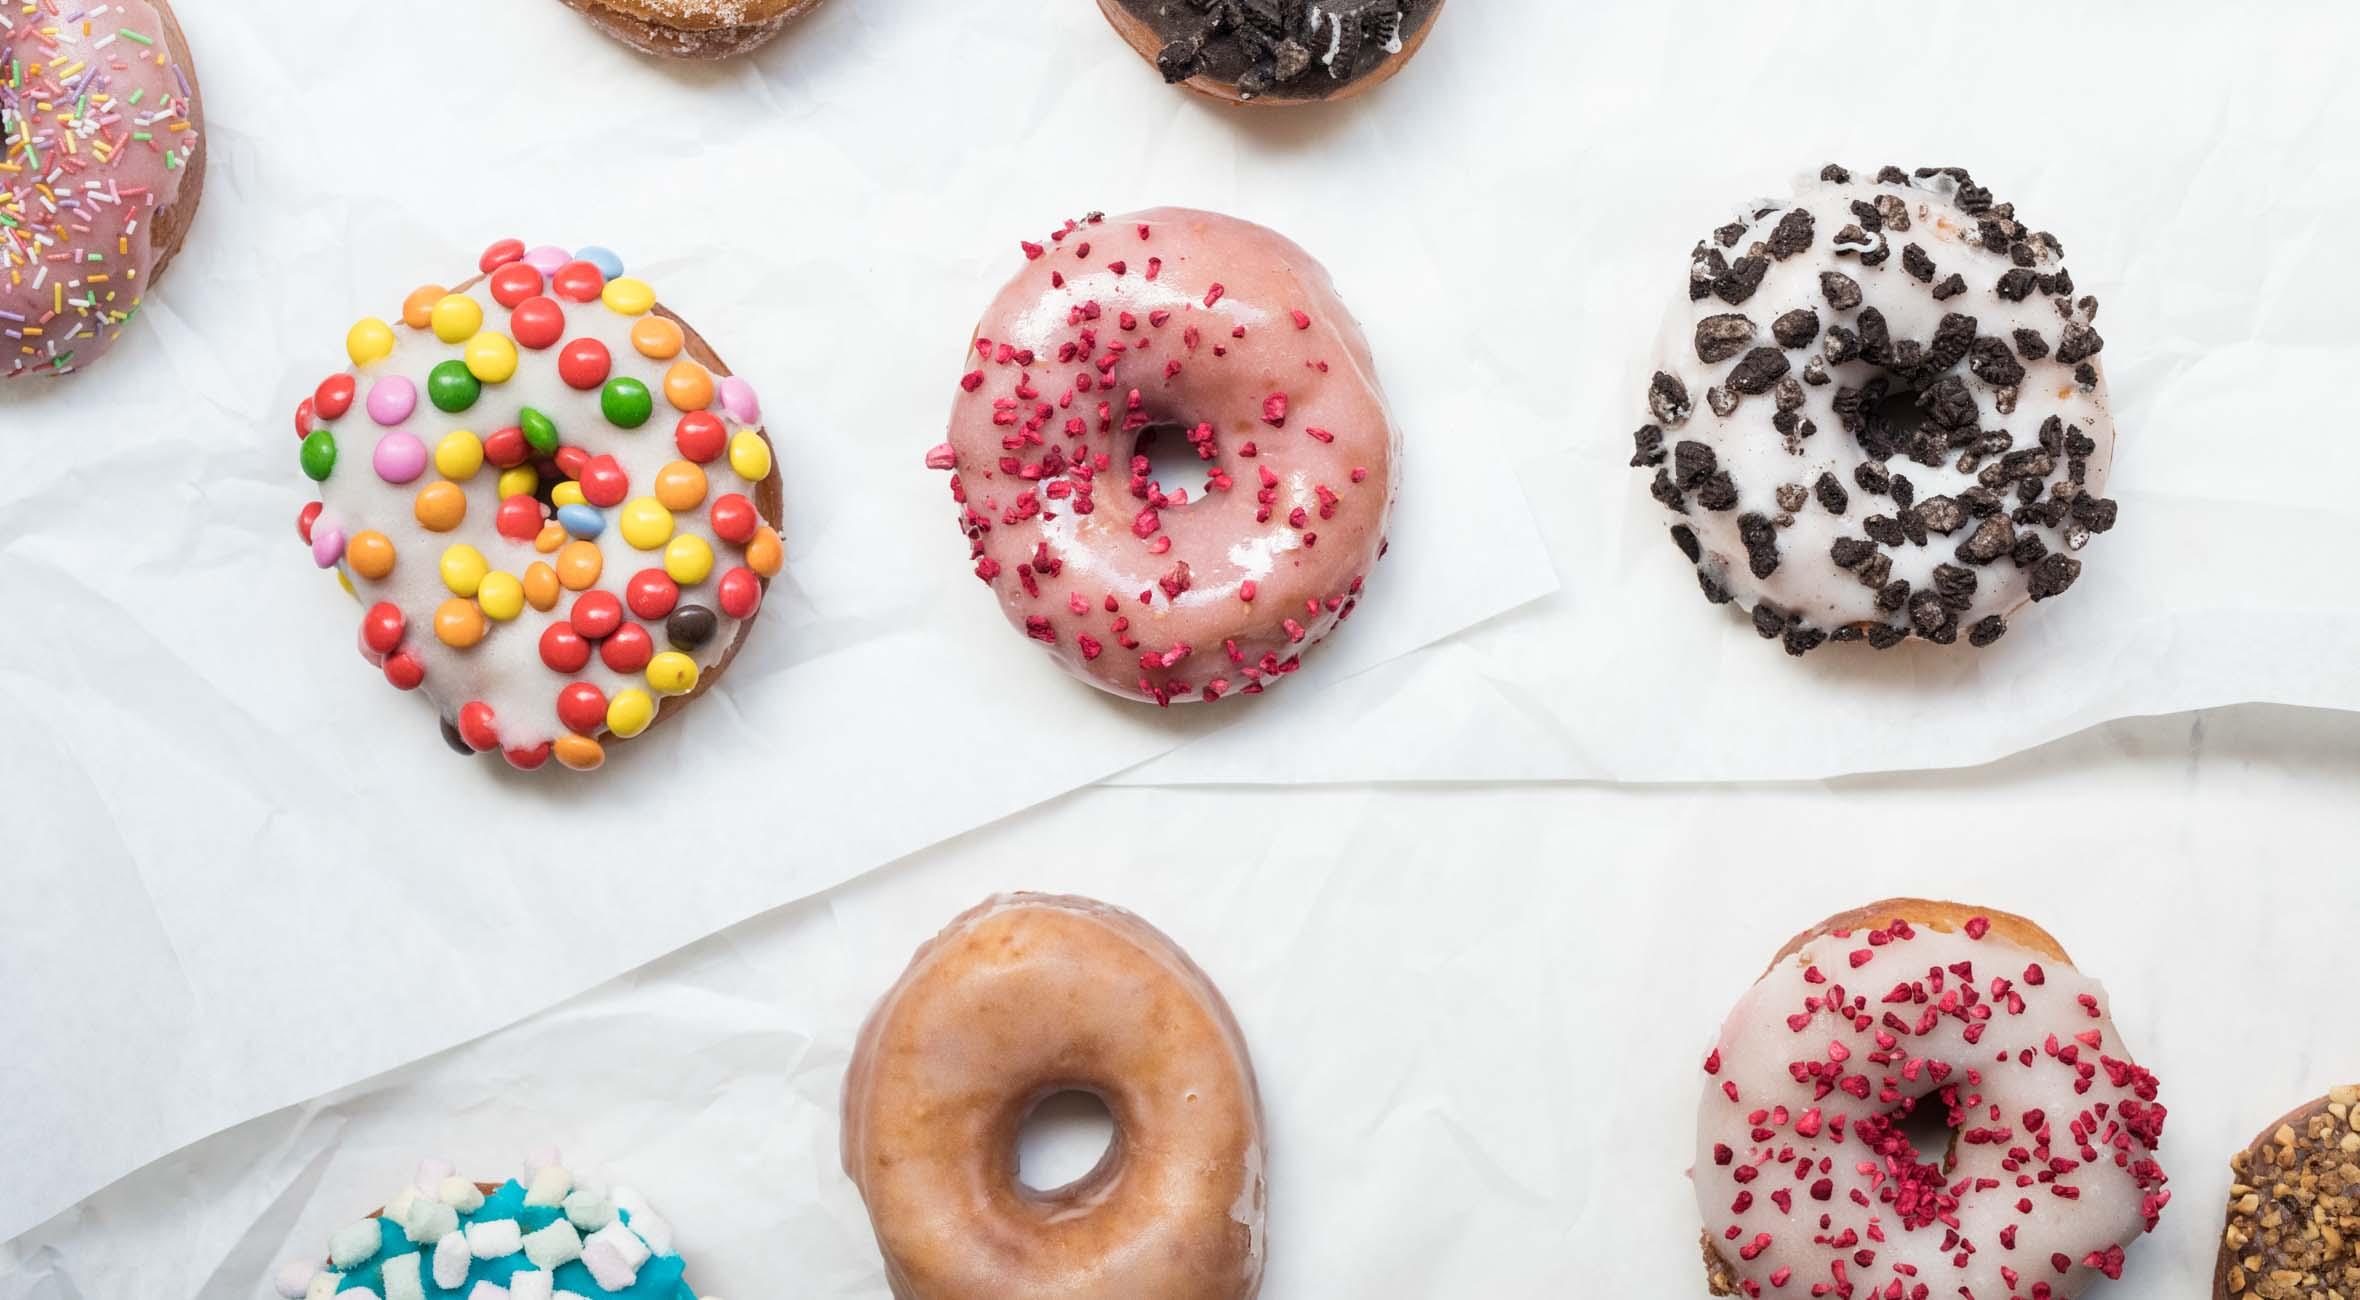 6 valgfrie donuts hos The Donut Shop – Prisvindende donut shop får enhver kageelskers hjerte til at smelte